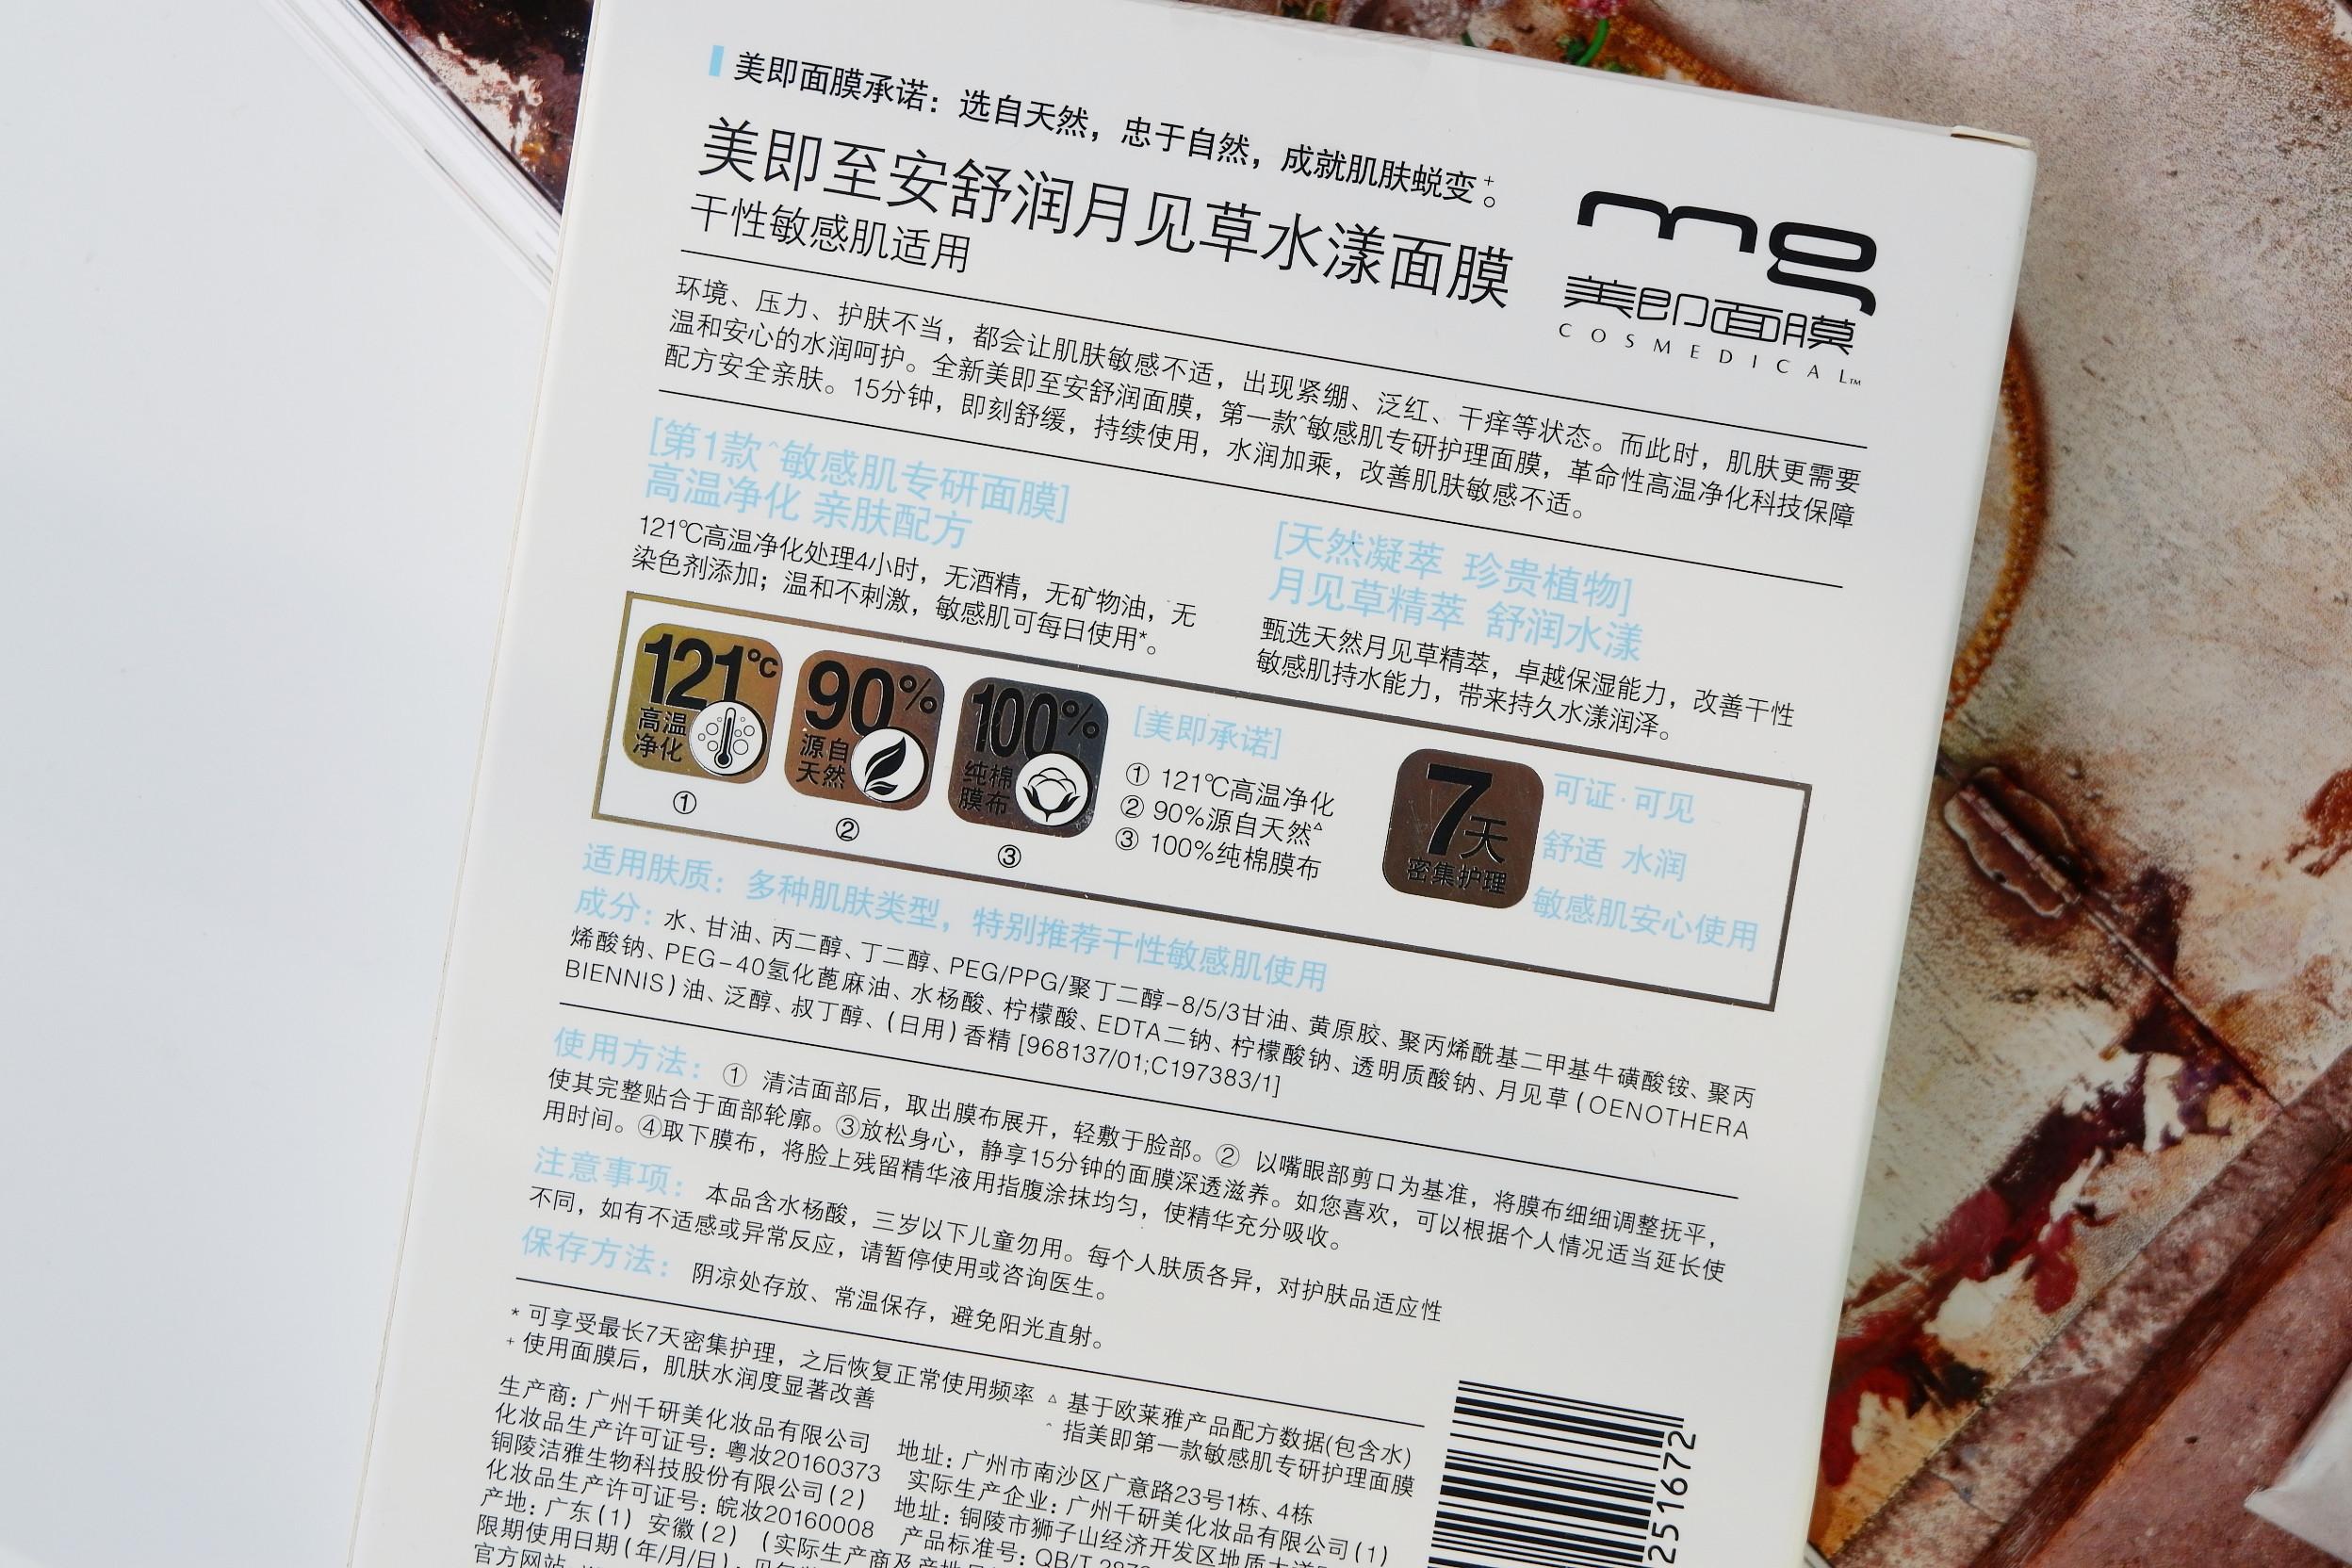 DSCF7868.JPG